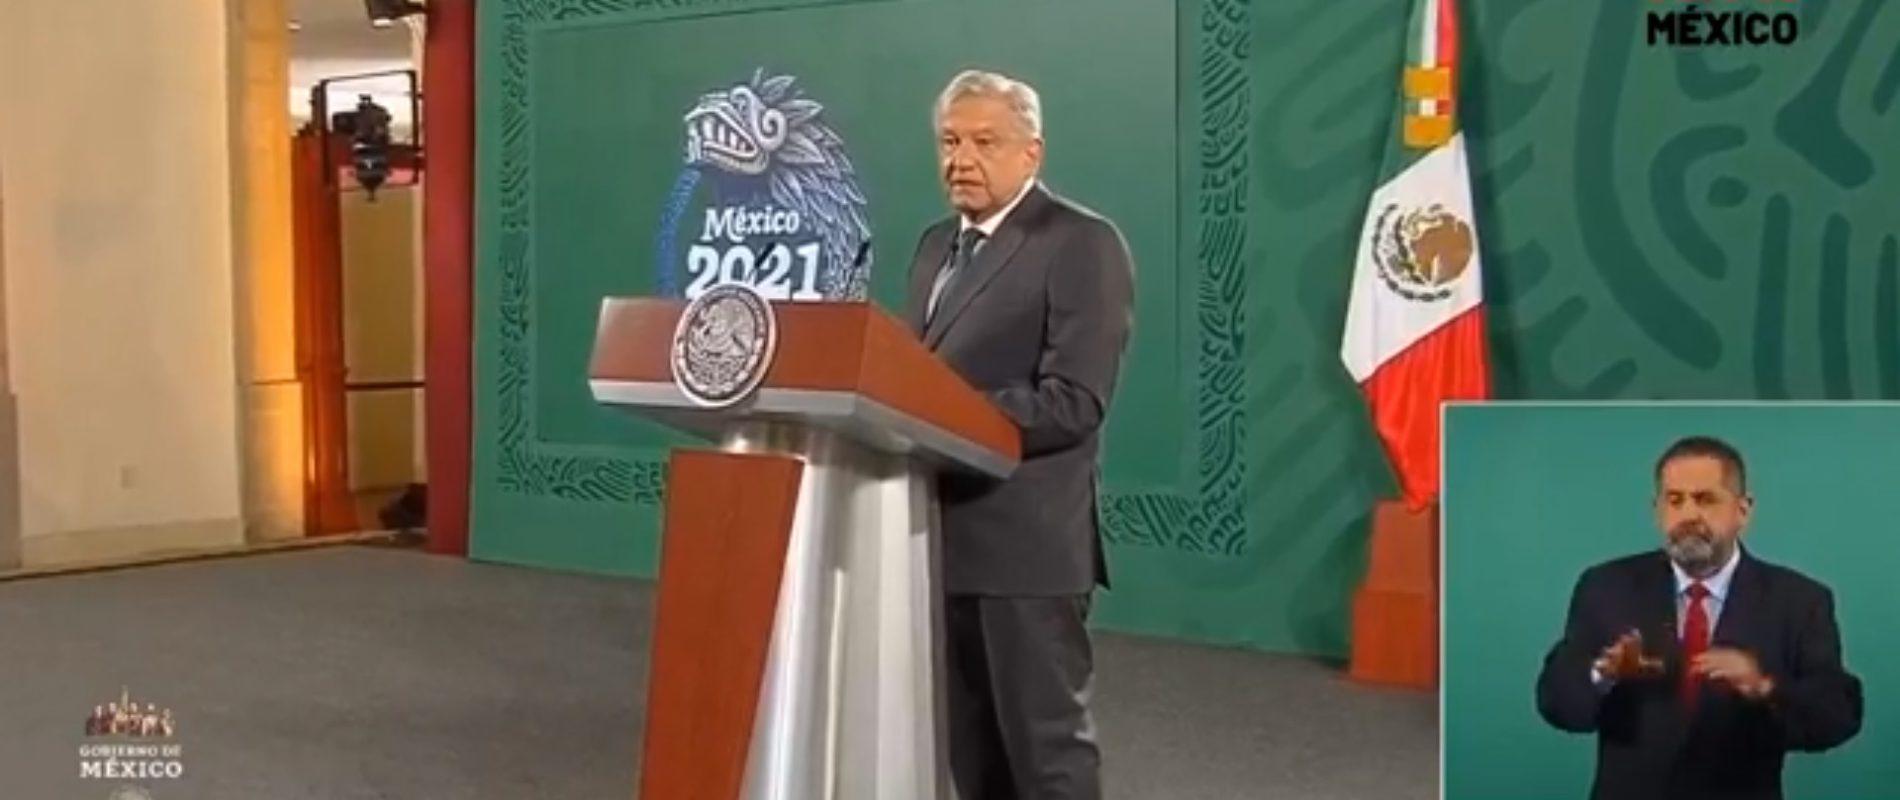 Supuesto audio de guerra sucia contra Morena durante las elecciones